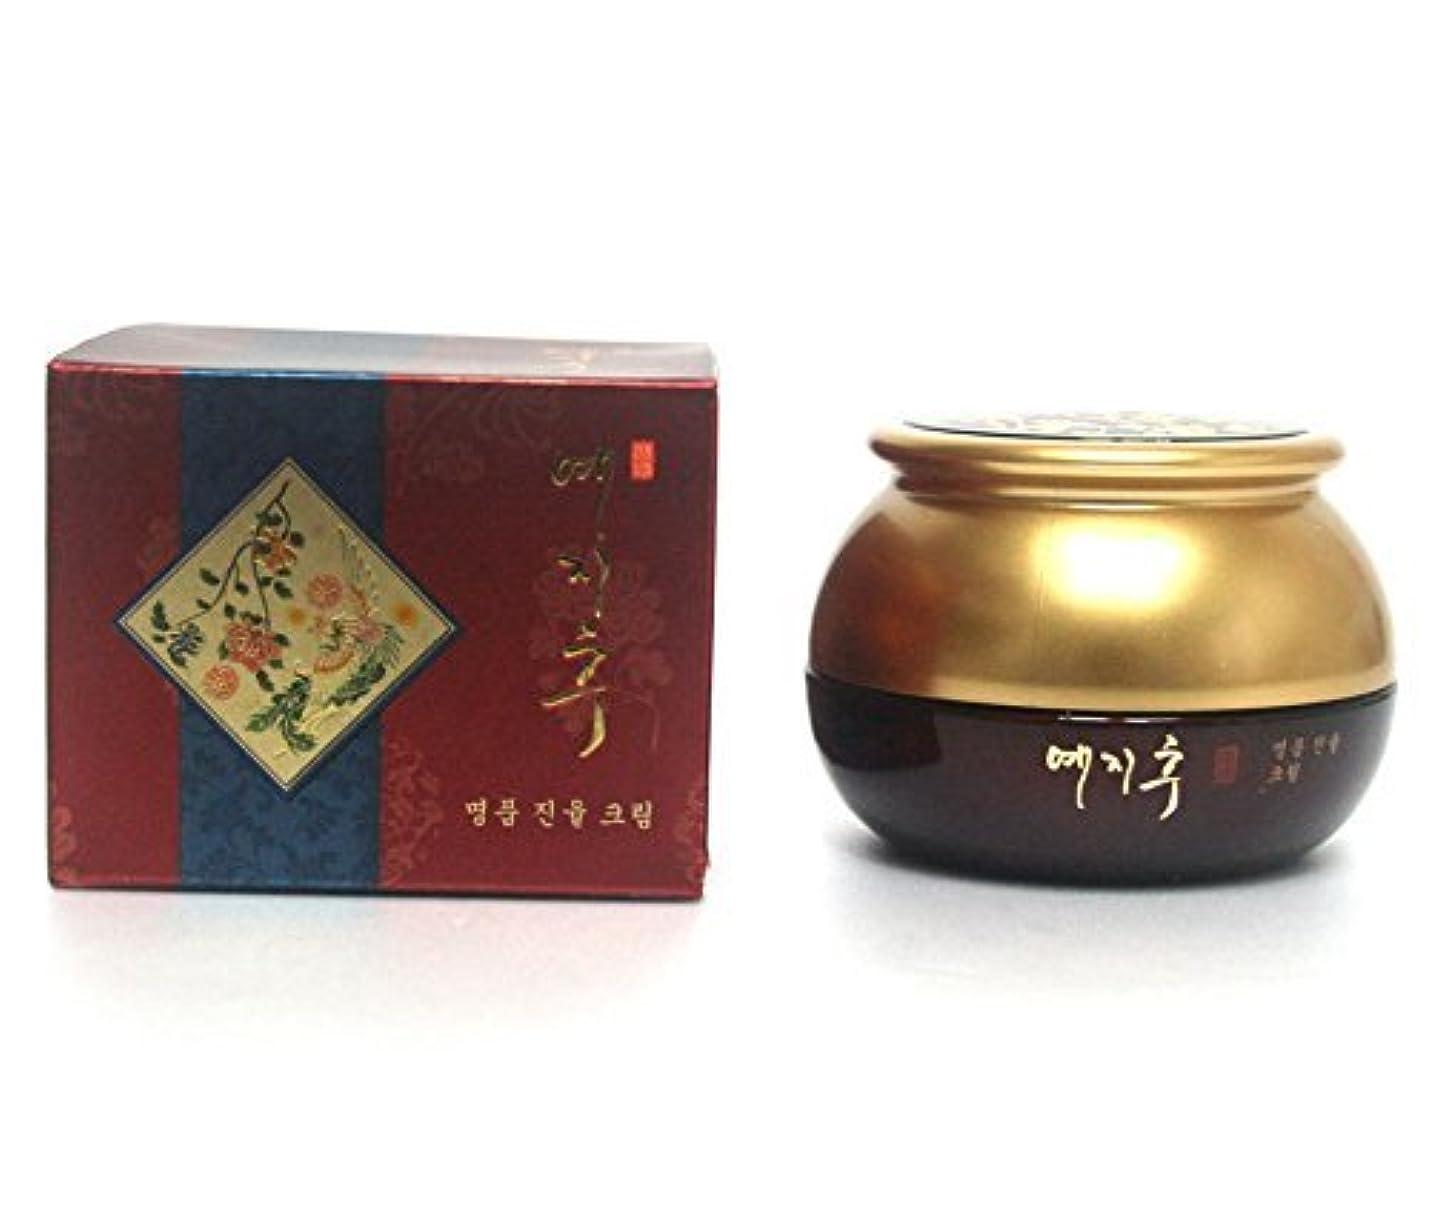 学んだ精神セメント[YEZIHU] 紅参クリーム50g / ナチュラルオリエンタルハーブ / 韓国化粧品 / RED Ginseng Cream 50g / Natural Oriental Herbs / Korean Cosmetics [並行輸入品]